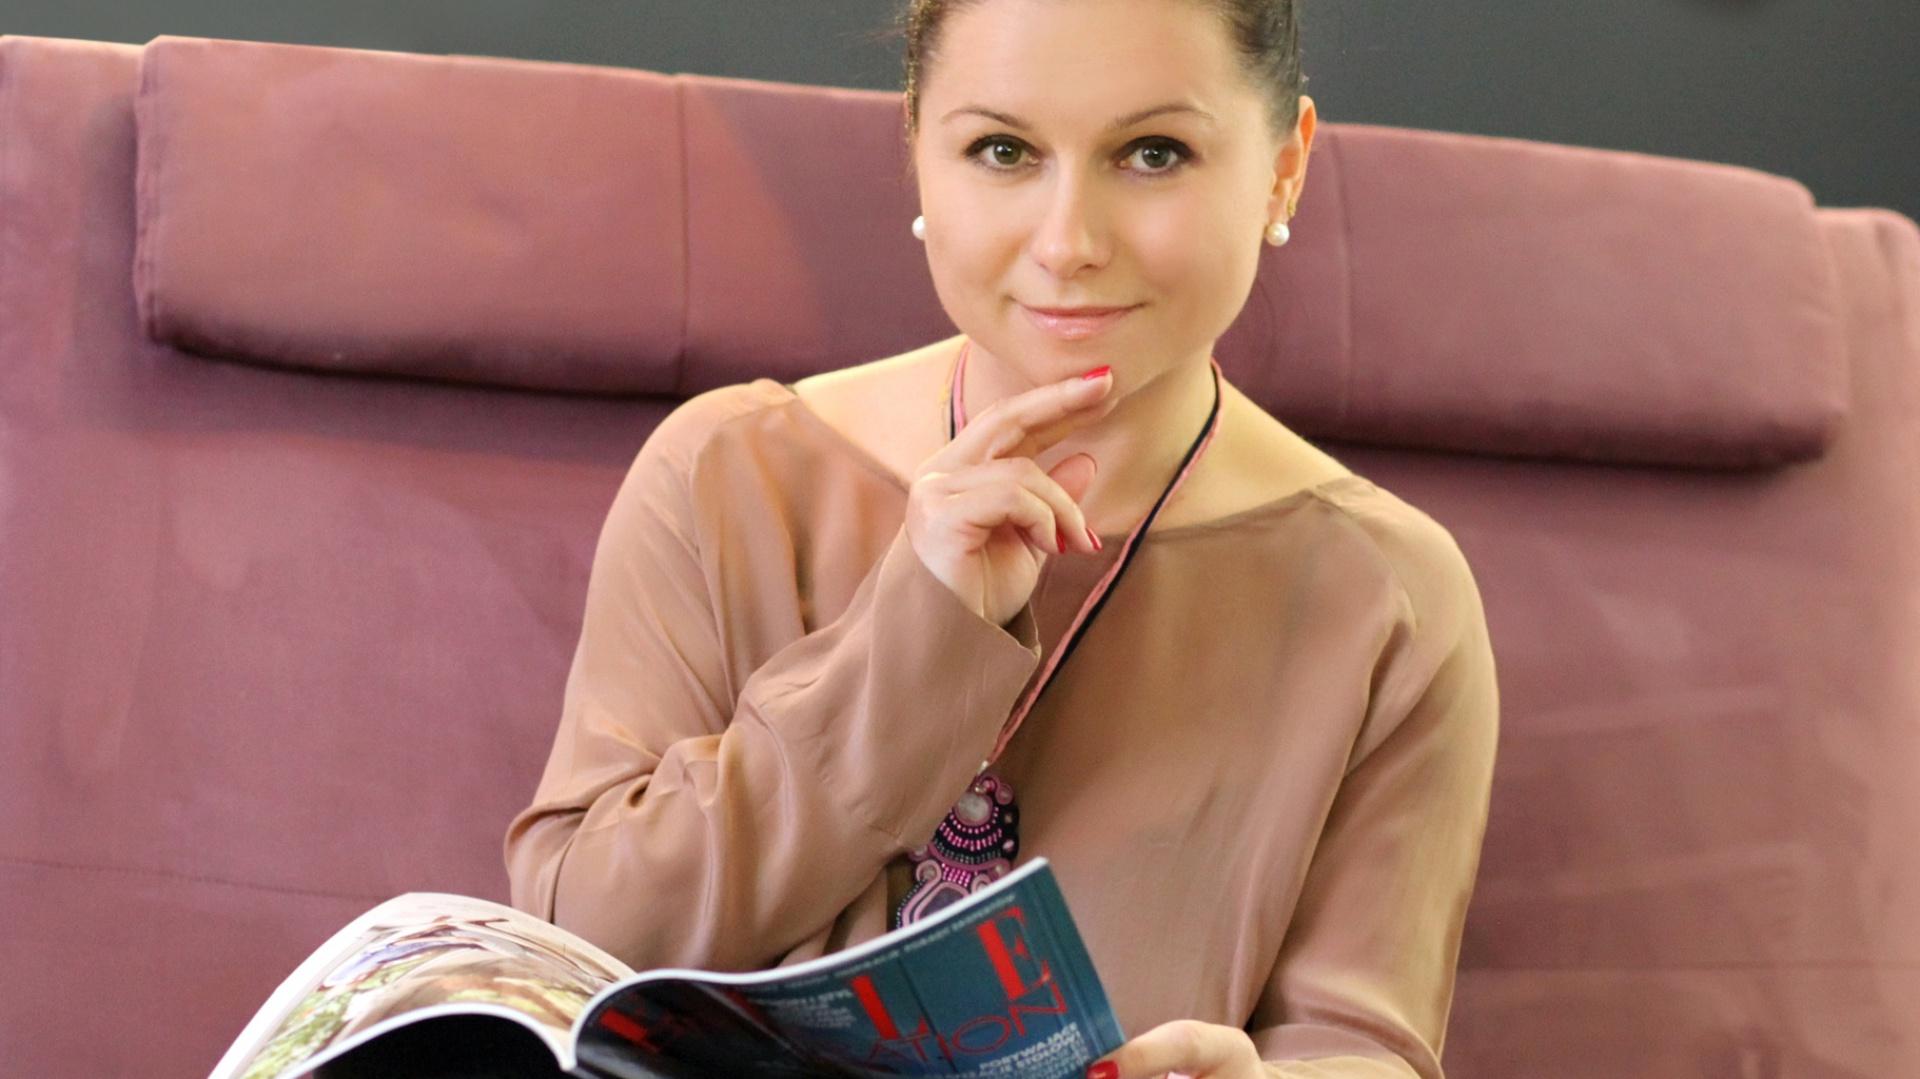 Katarzyna Korus z pracowni Katarzyna Korus Interiors. Fot. Archiwum projektantki